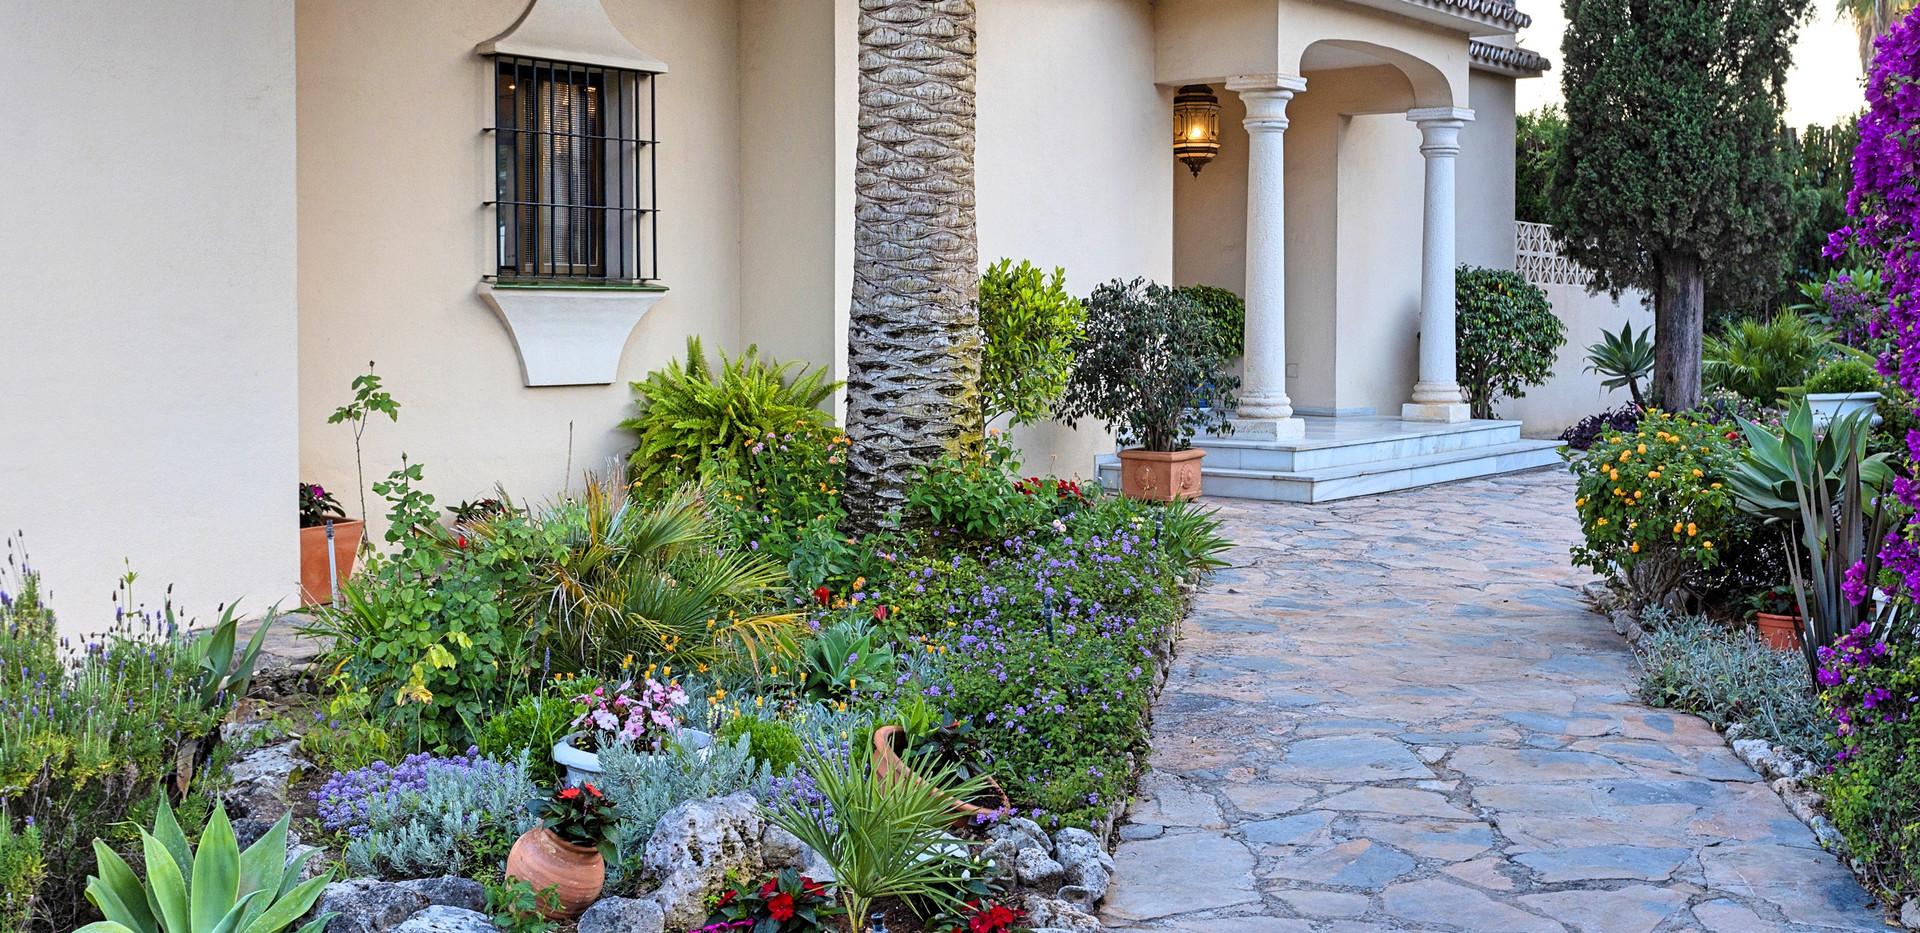 Villa El Bocho - Entrada b_Fotor.jpg